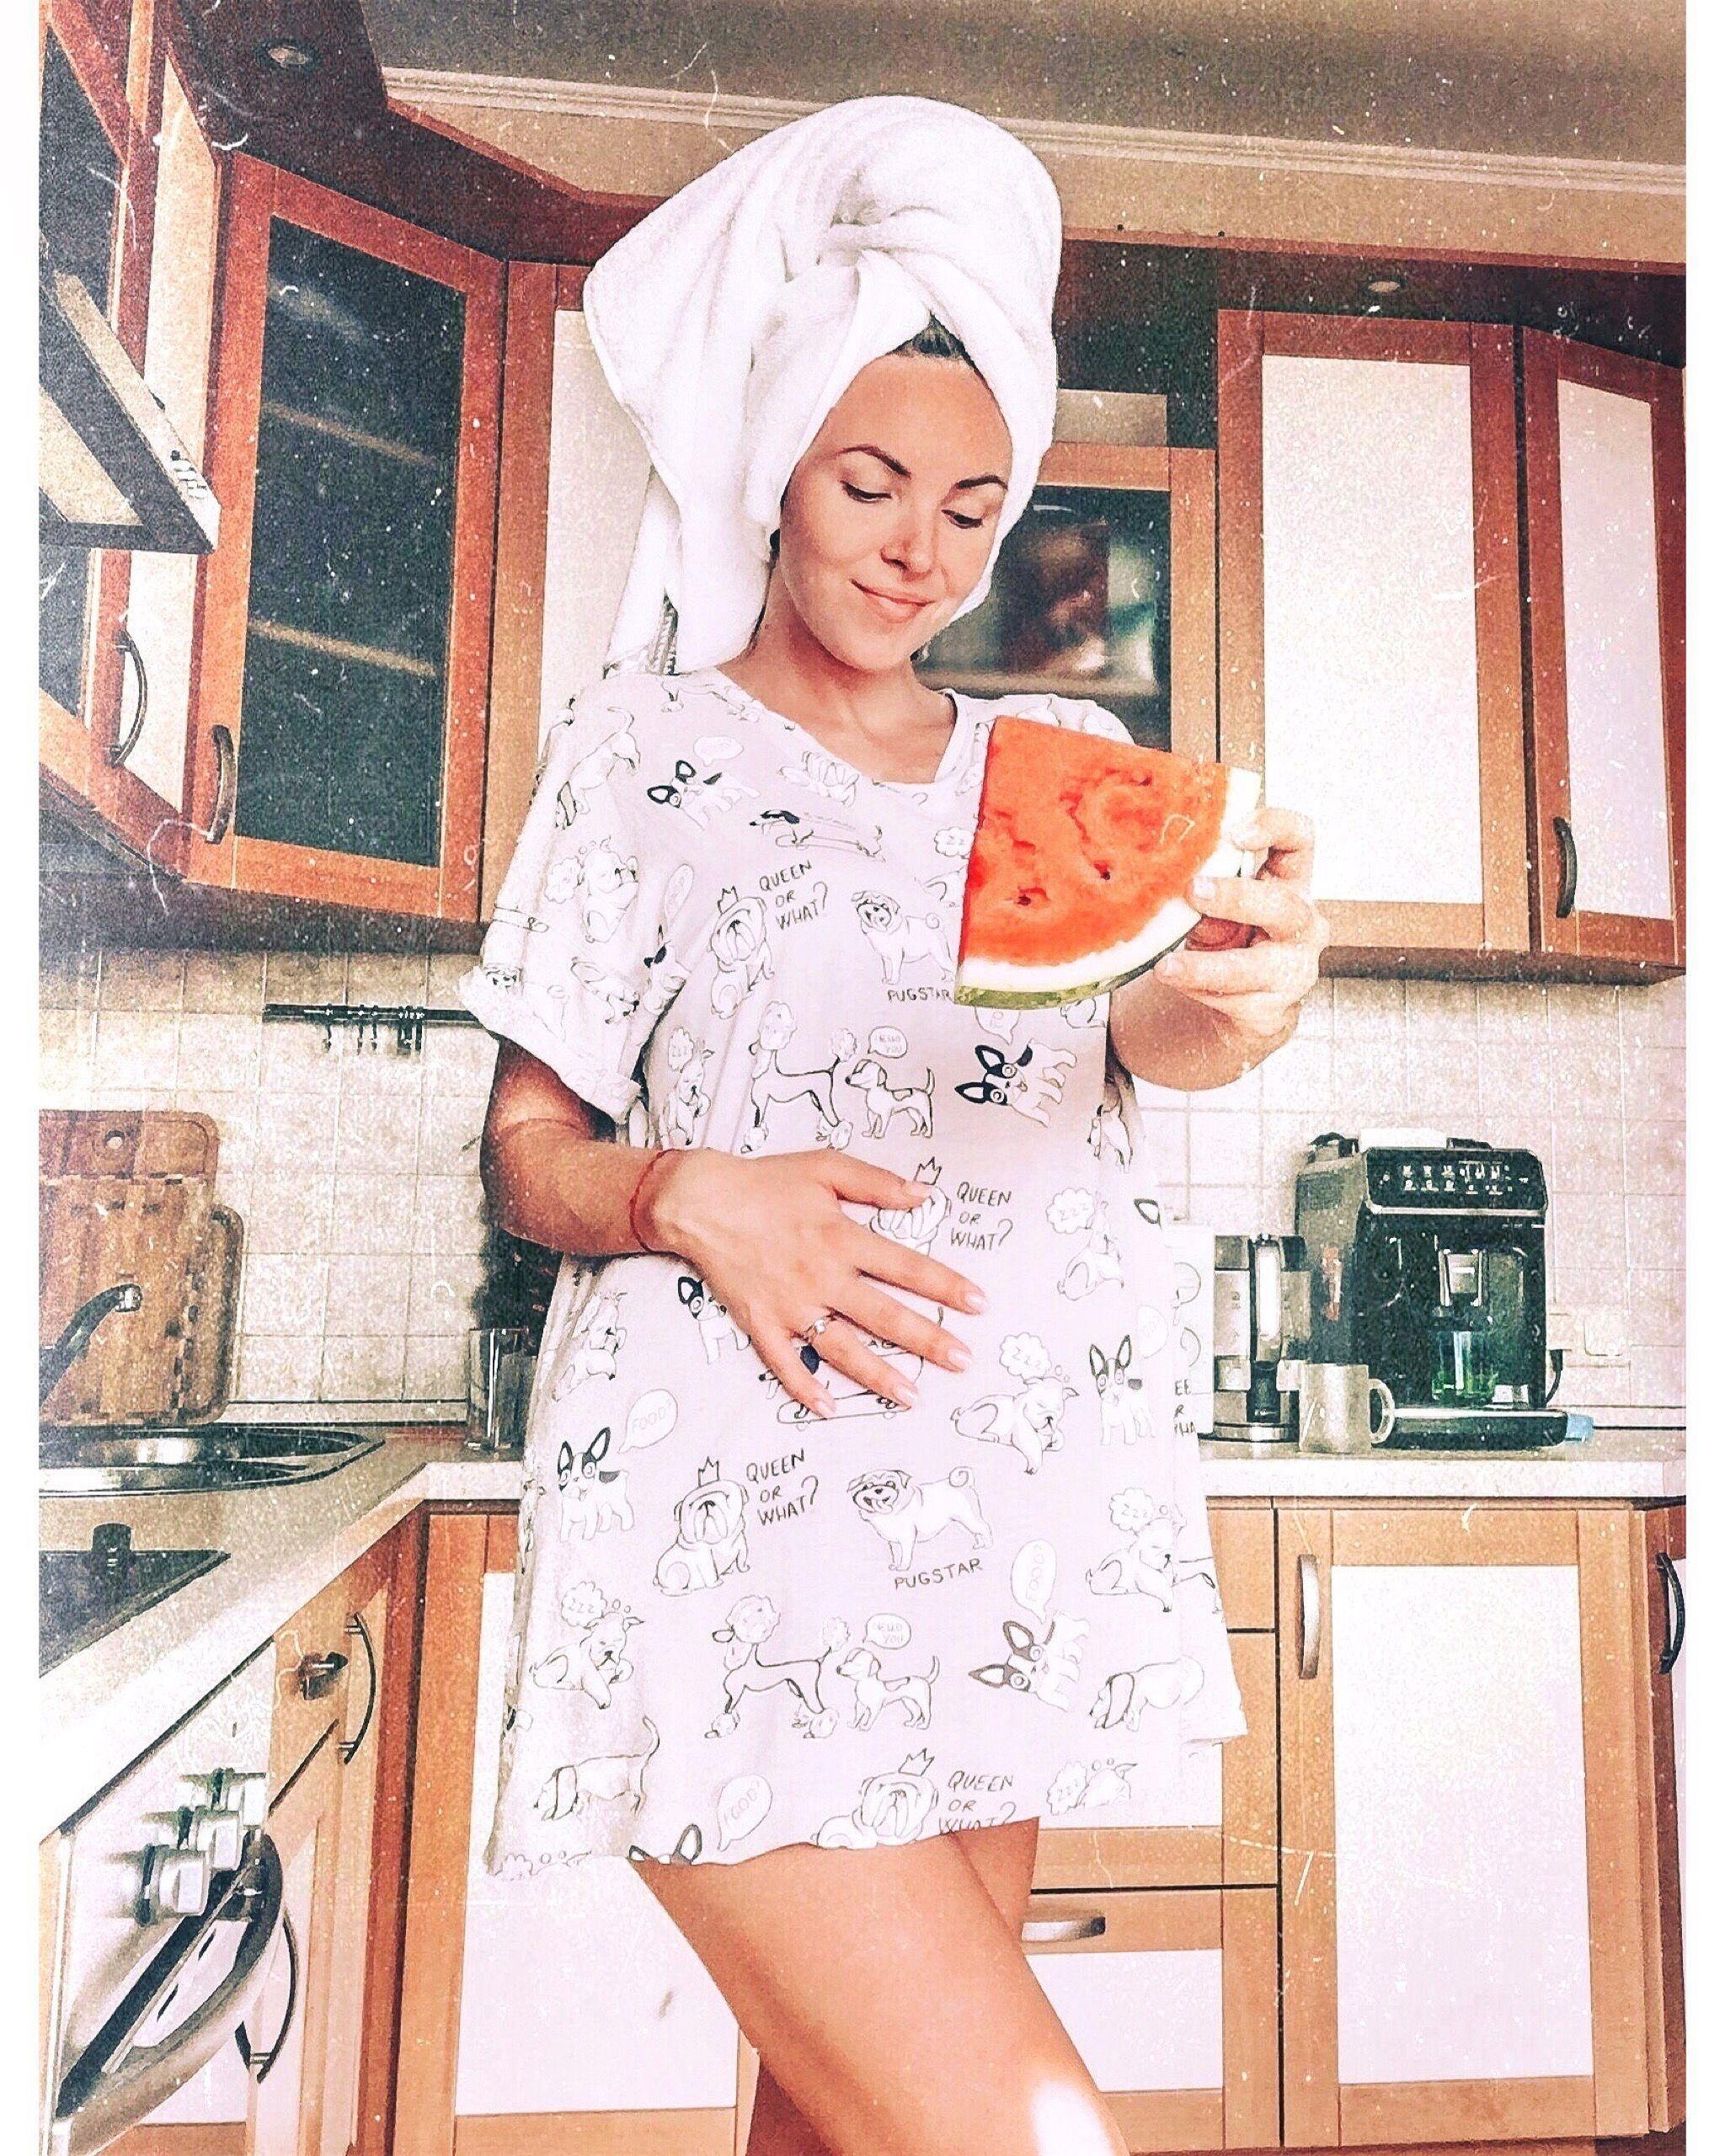 Фото дома, фото с арбузом, девушка на кухне, девушка с ...